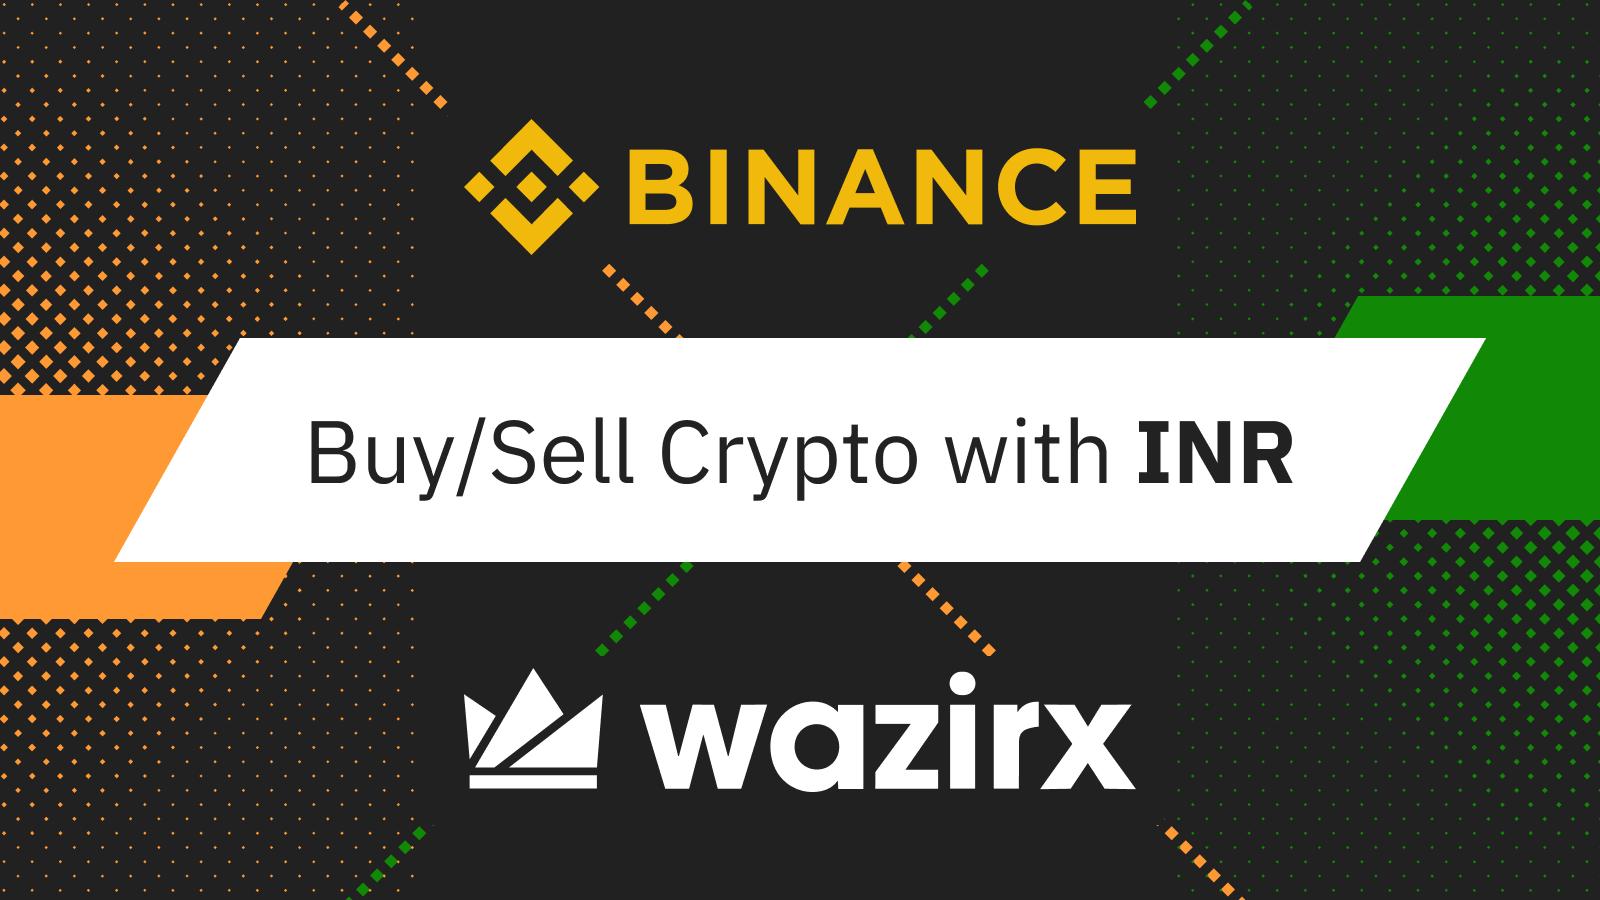 Binance ซื้อกิจการตลาด WazirX ลุยตลาดคริปโตในอินเดีย